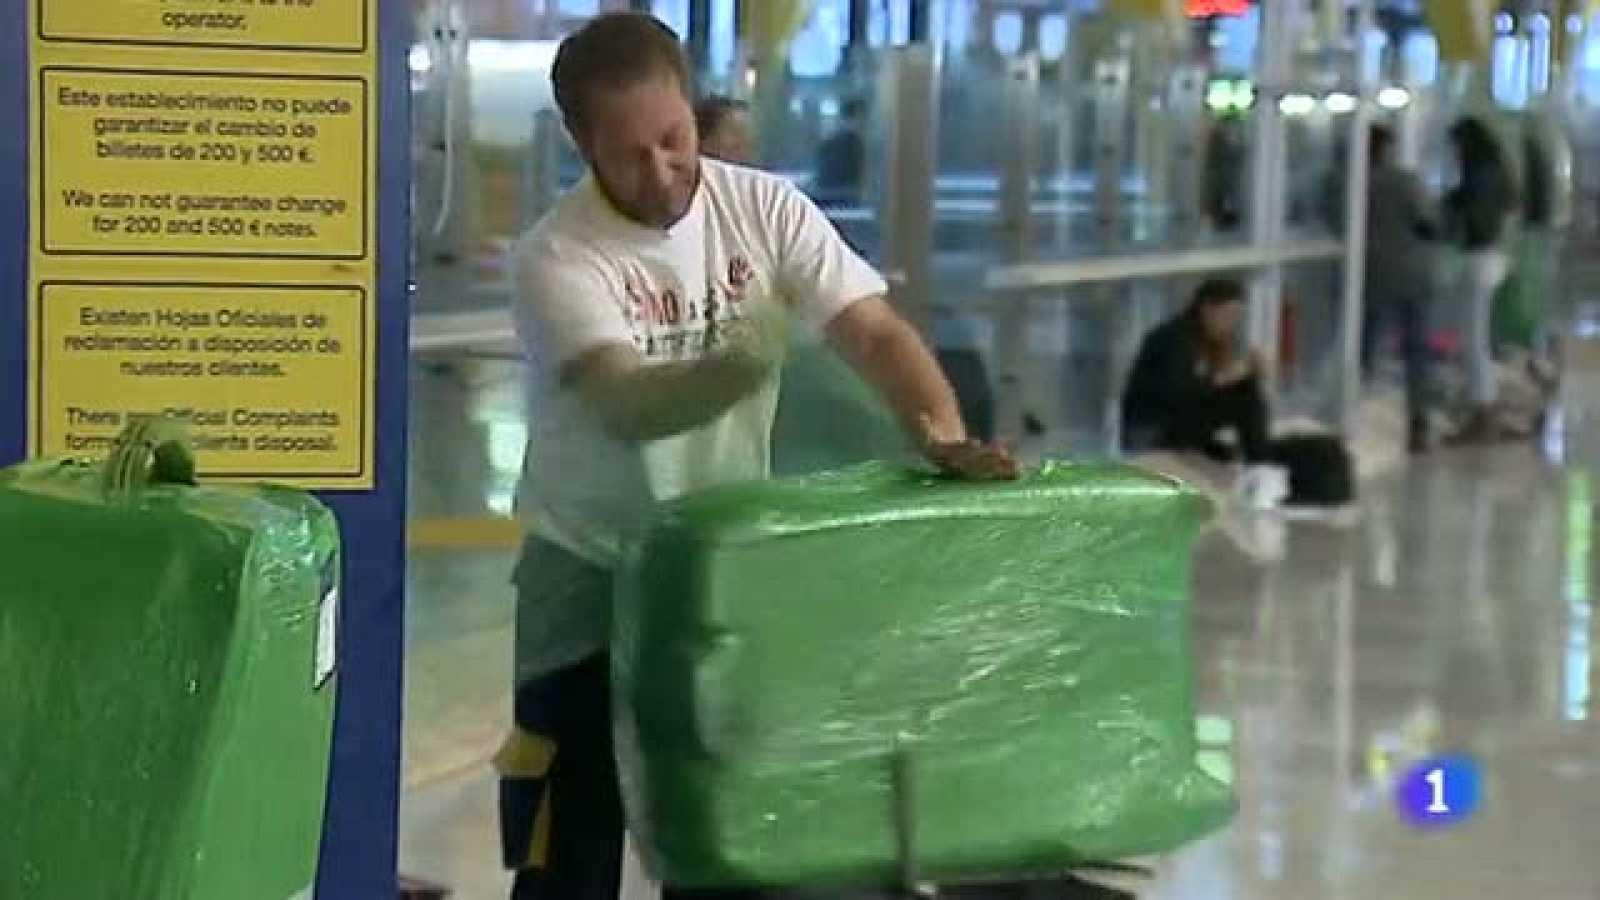 La empresa oficial que plastifica maletas en Barajas se queja de competencia ilegal